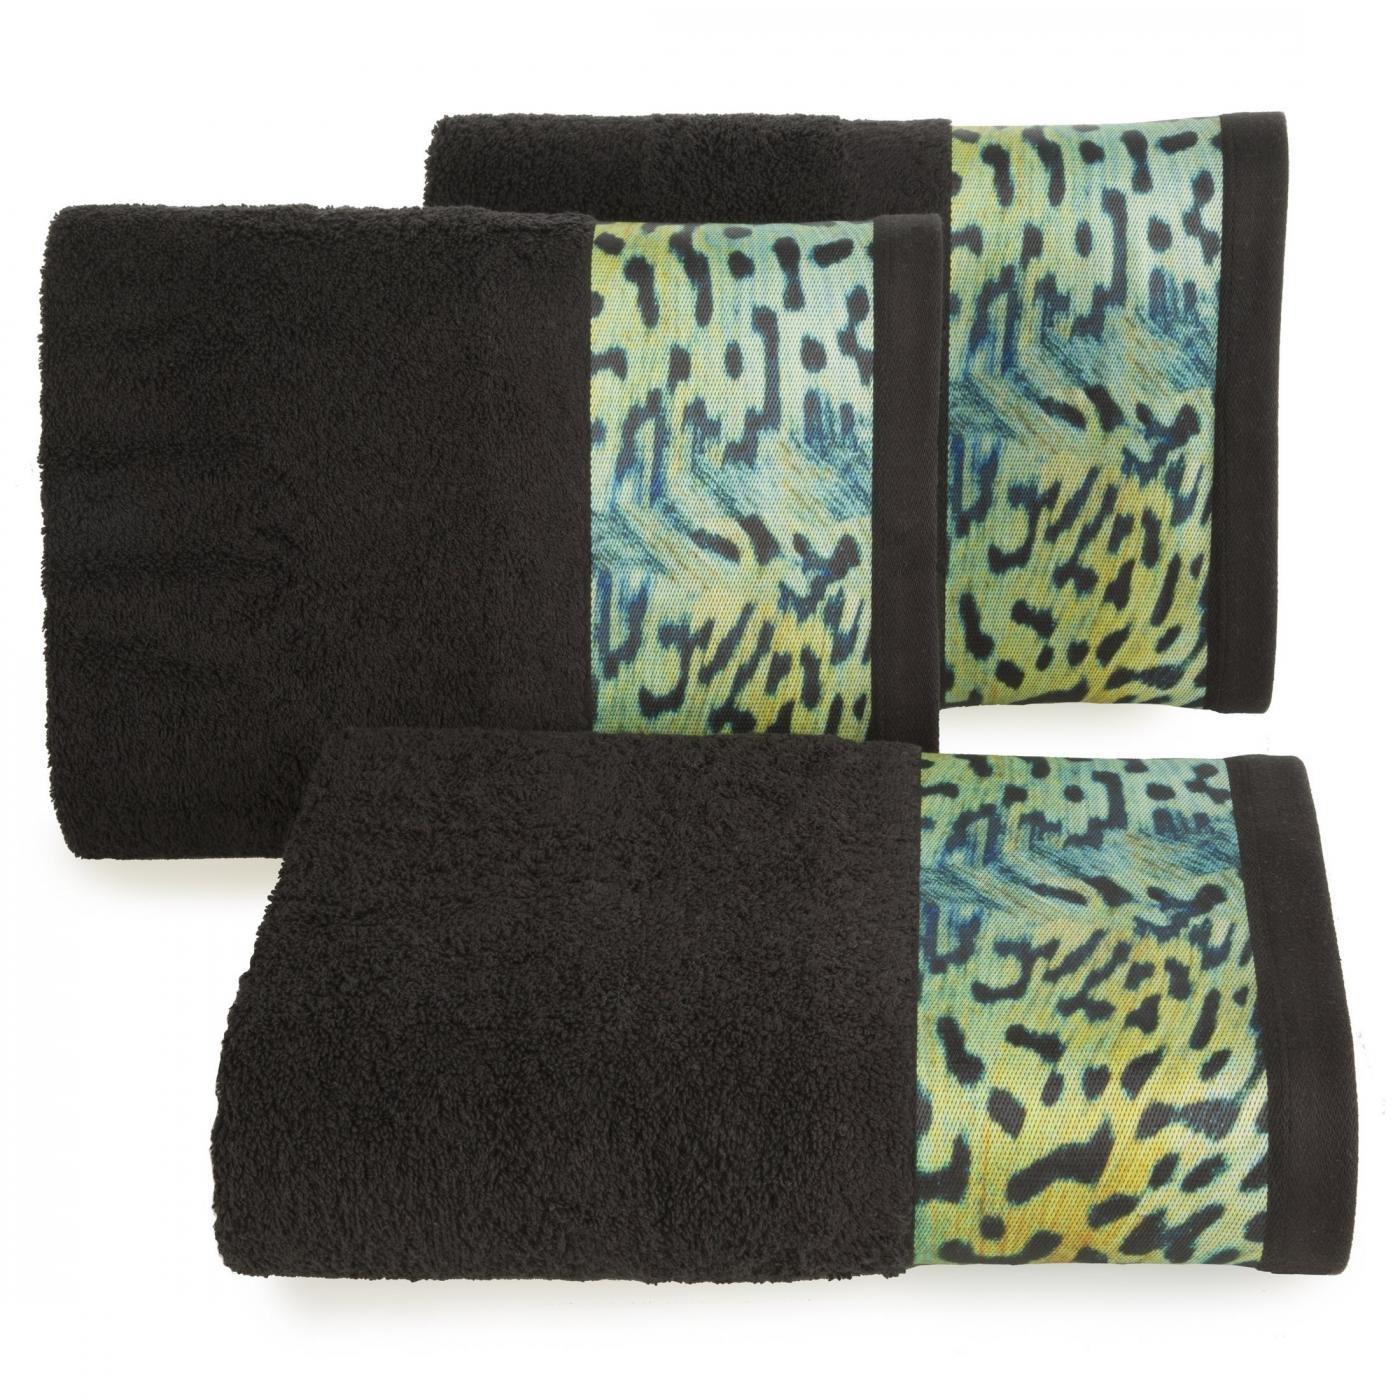 Ręcznik kąpielowy - mój wybór Eva Minge - czarny i zwierzęcy wzór 50x90 cm